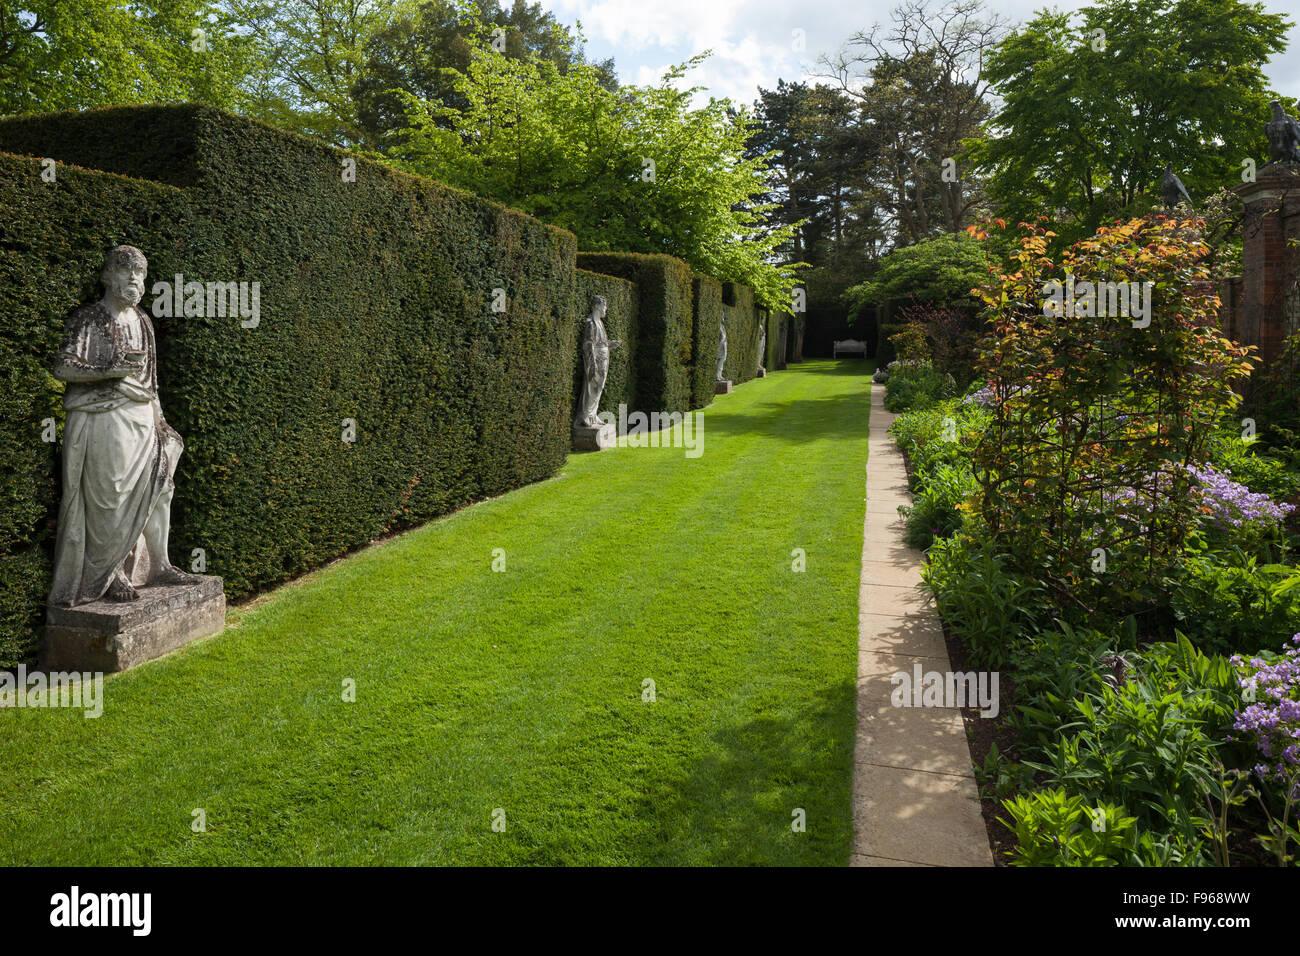 Zeitgenössische floralen Grenzen entworfen von Arne Maynard neben klassischen Statuen von Scheemaker in Cottesbrooke Hall Gardens, Northamptonshire, England. Stockfoto